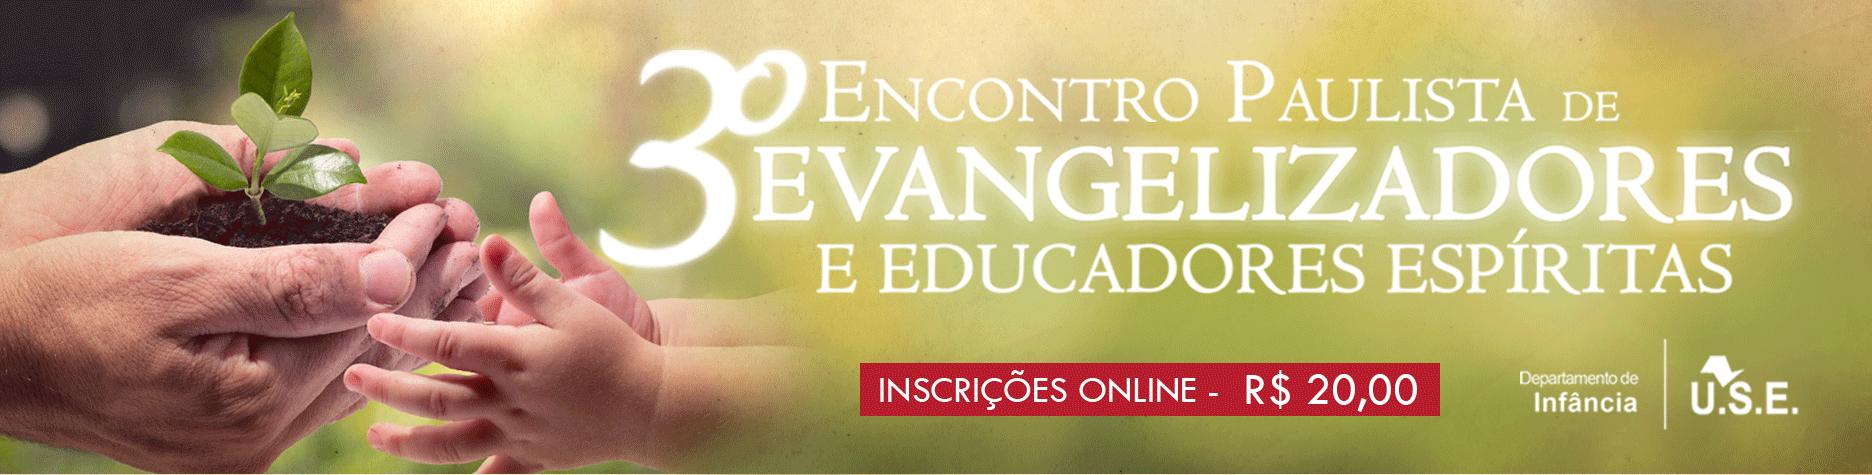 3º Encontro Paulista de Evangelizadores